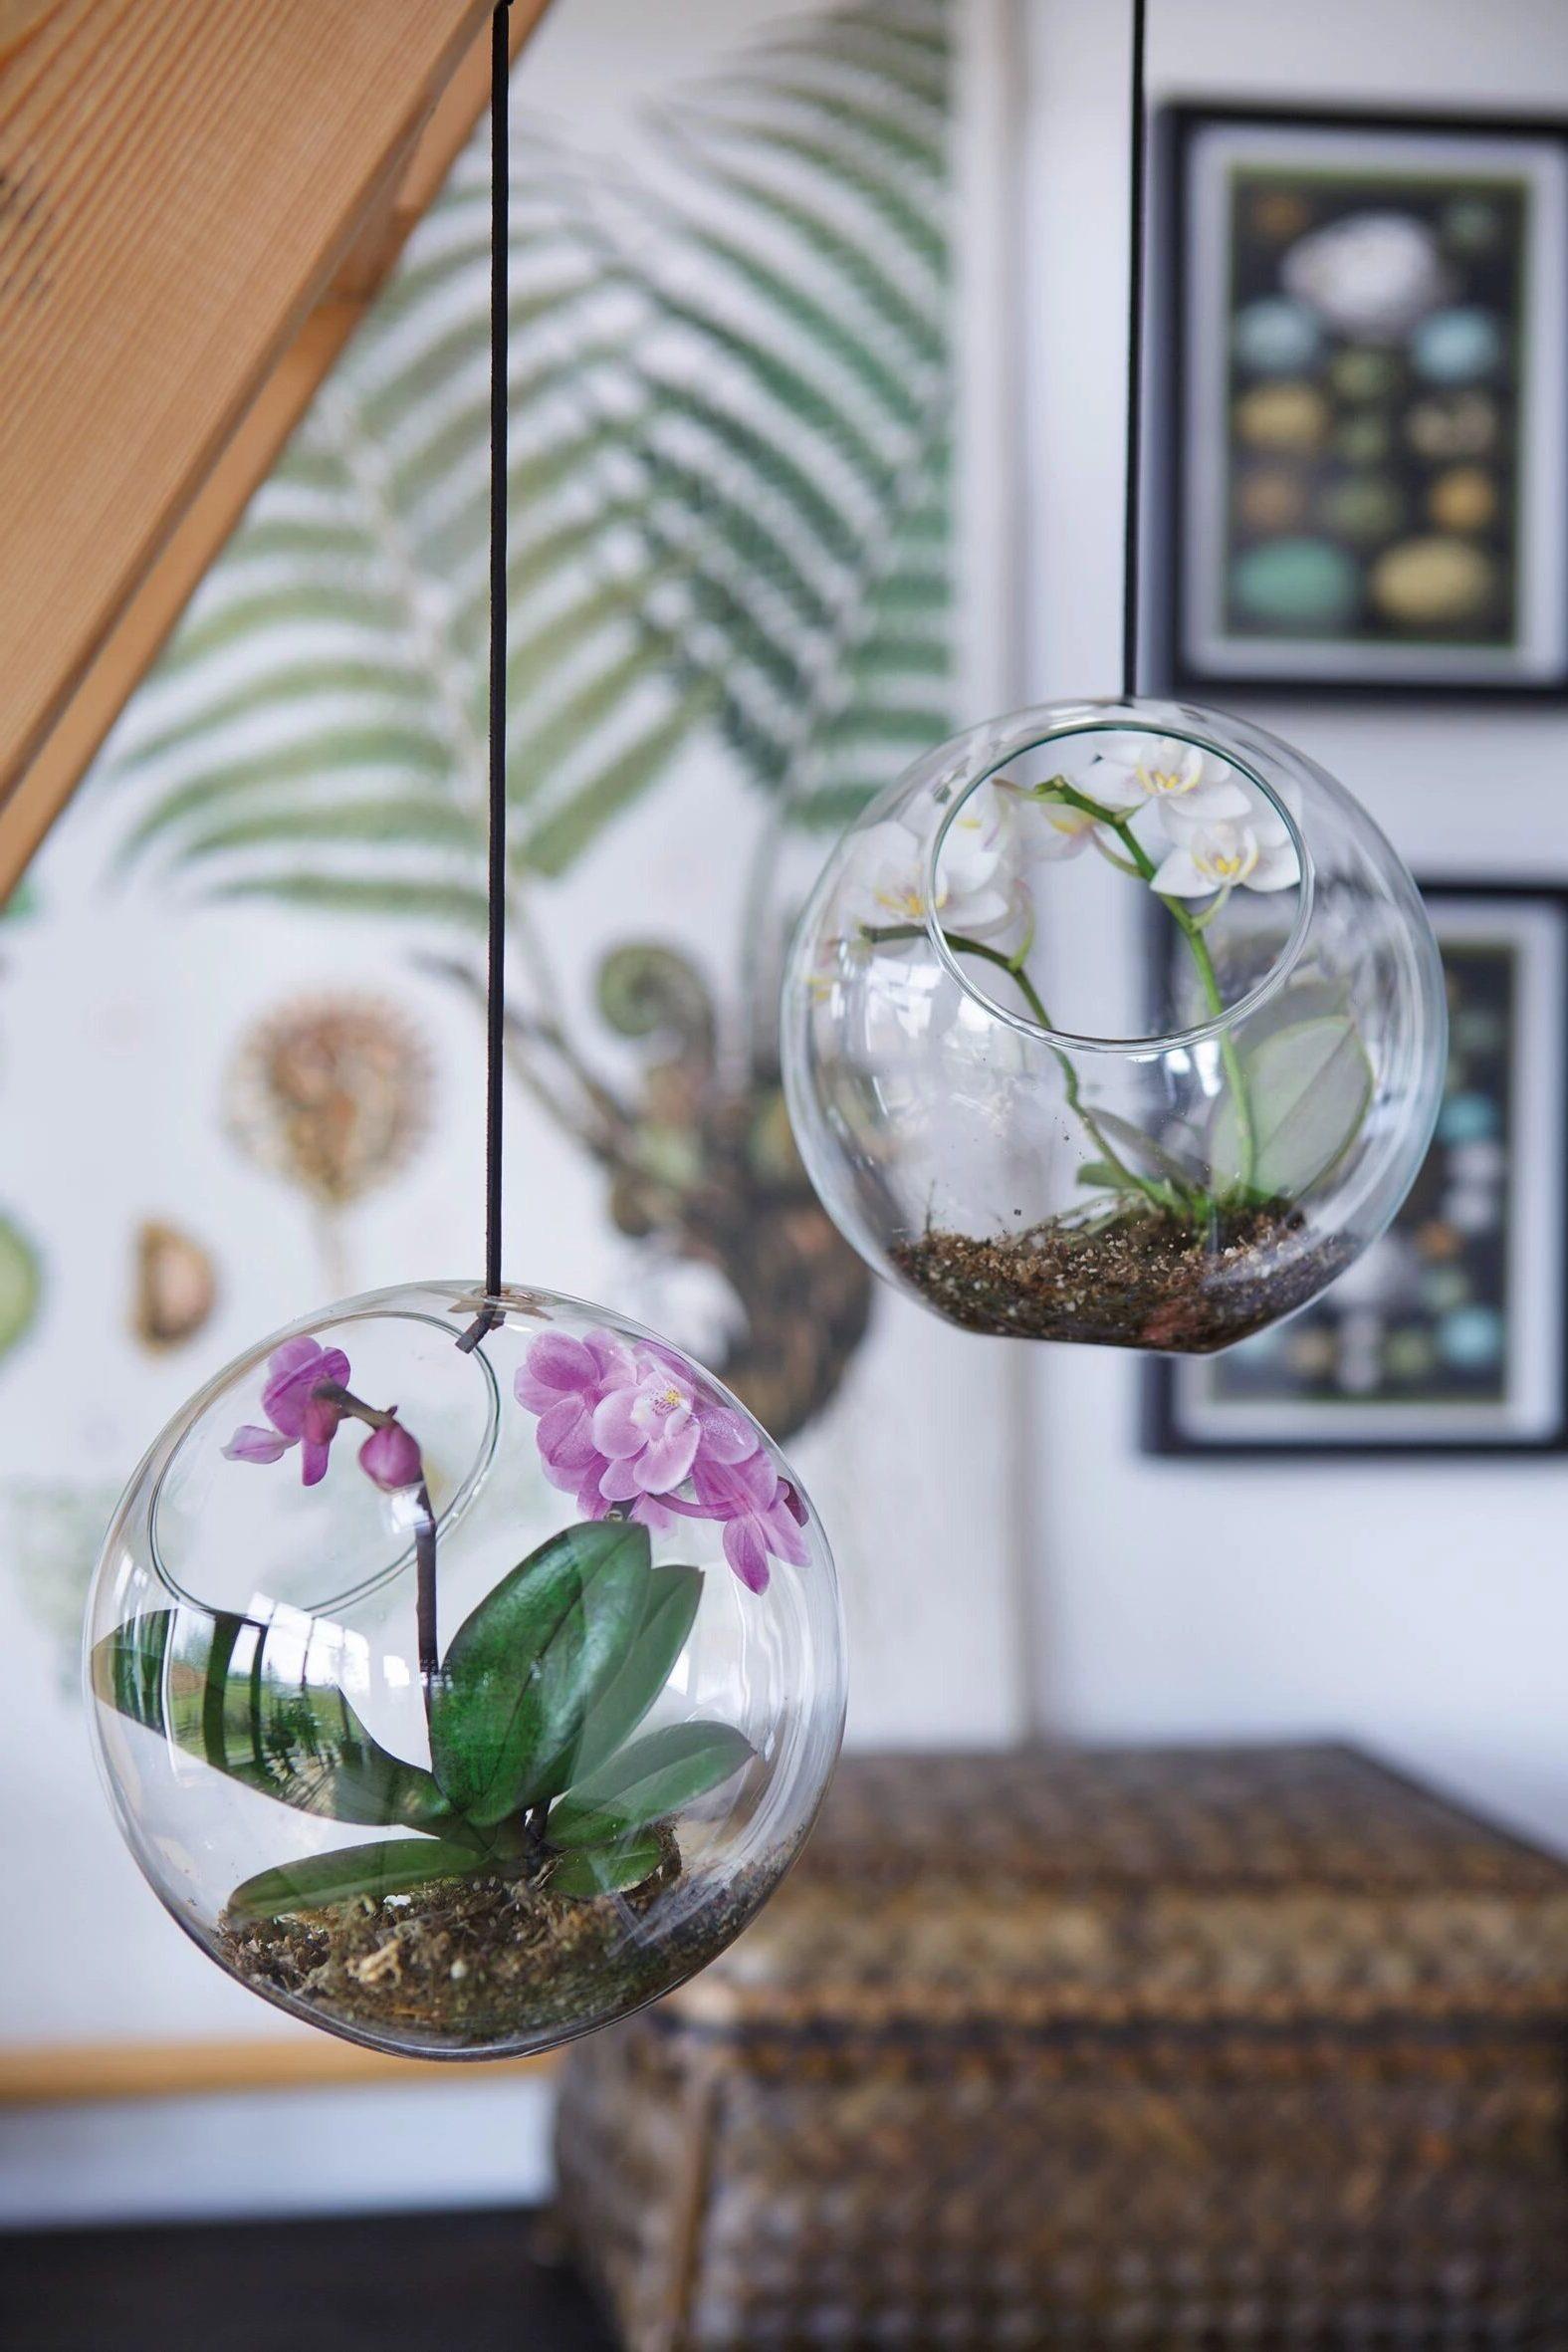 Орхидеи - идеальные цветы для стеклянных горшков